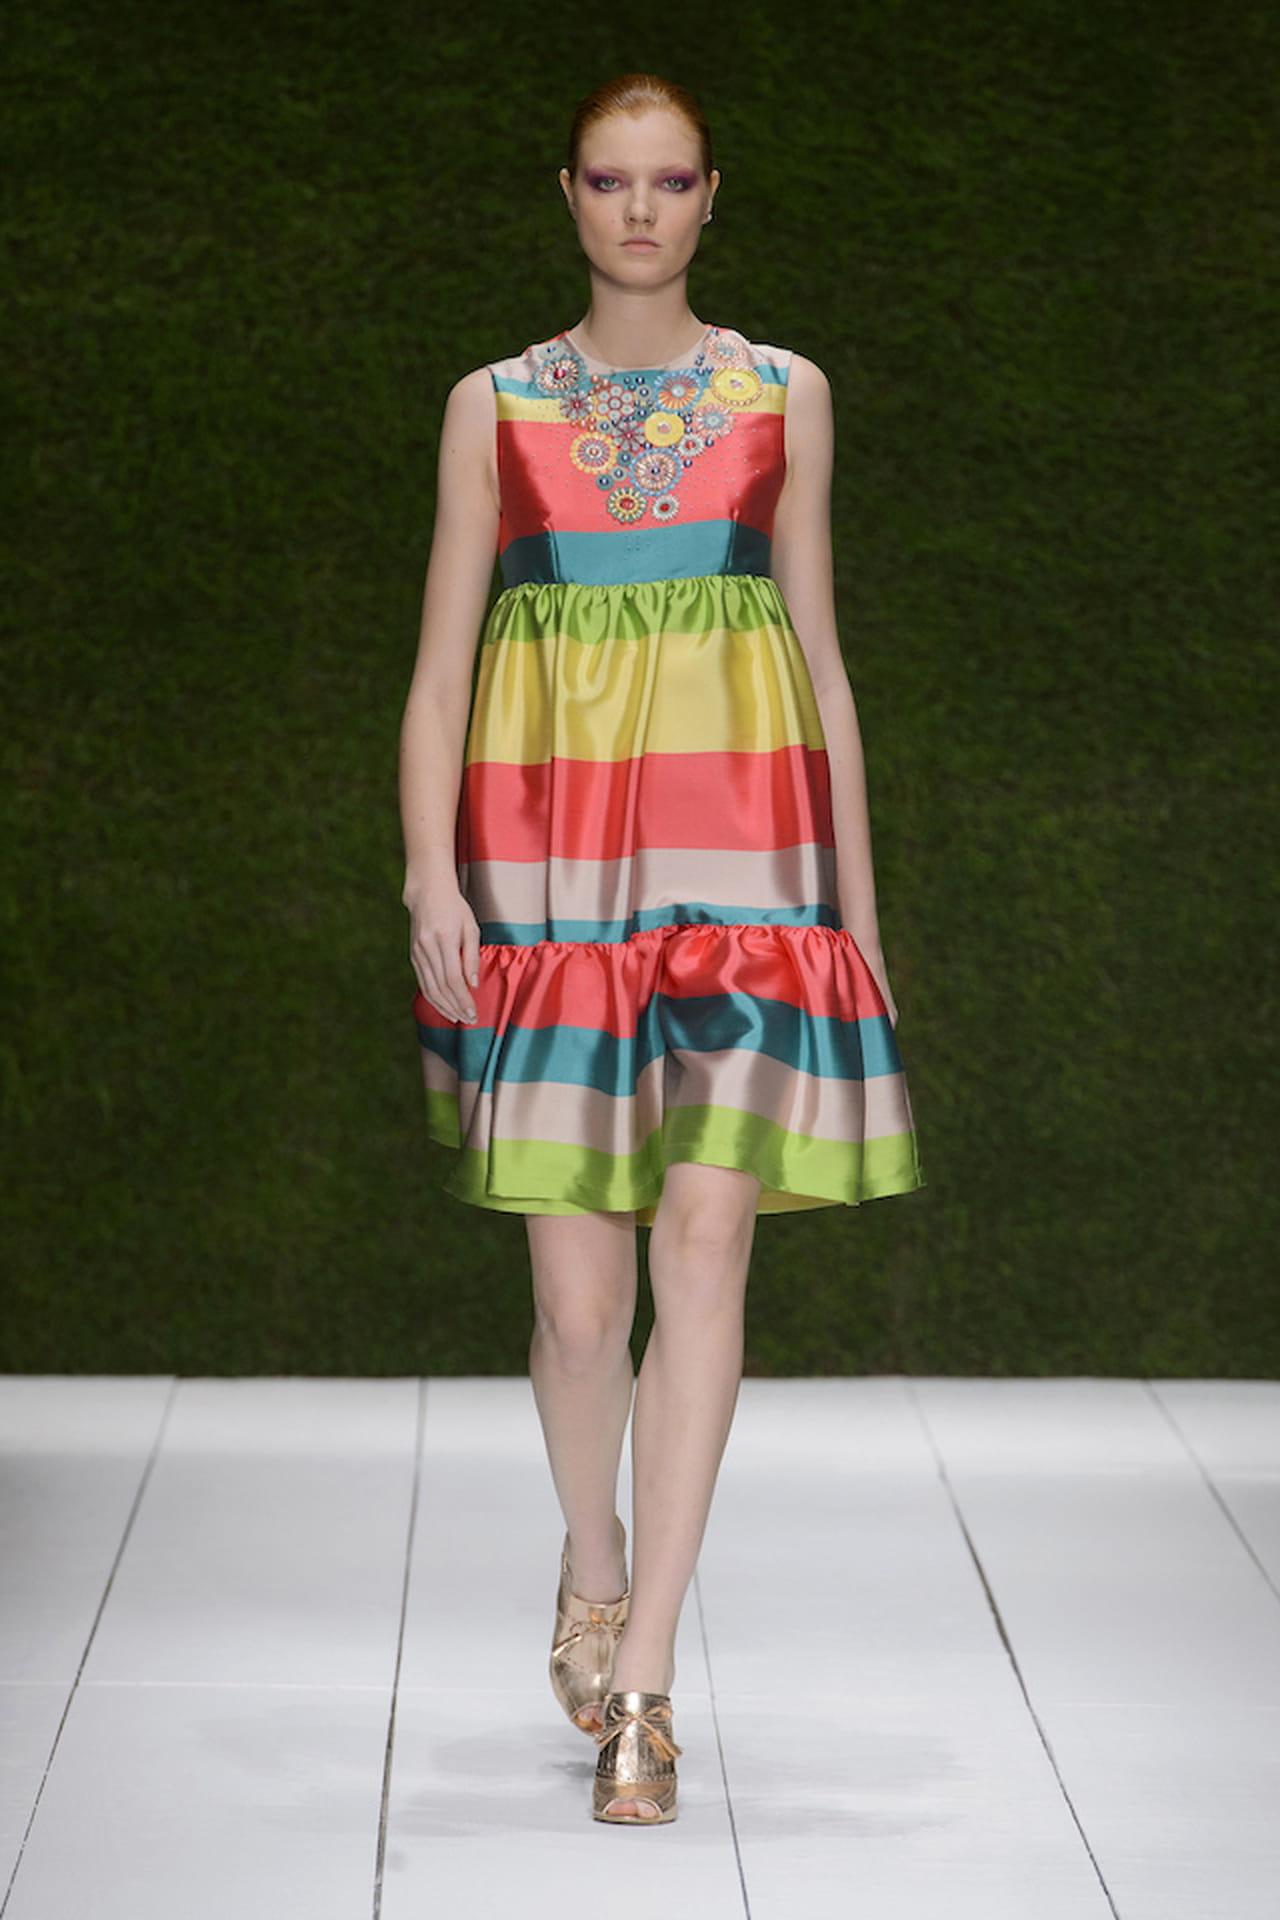 f745d4fa0601 Il vestito da cerimonia adatto agli eventi mattutini per il 2017 sarà  coloratissimo. © Imaxtree.com